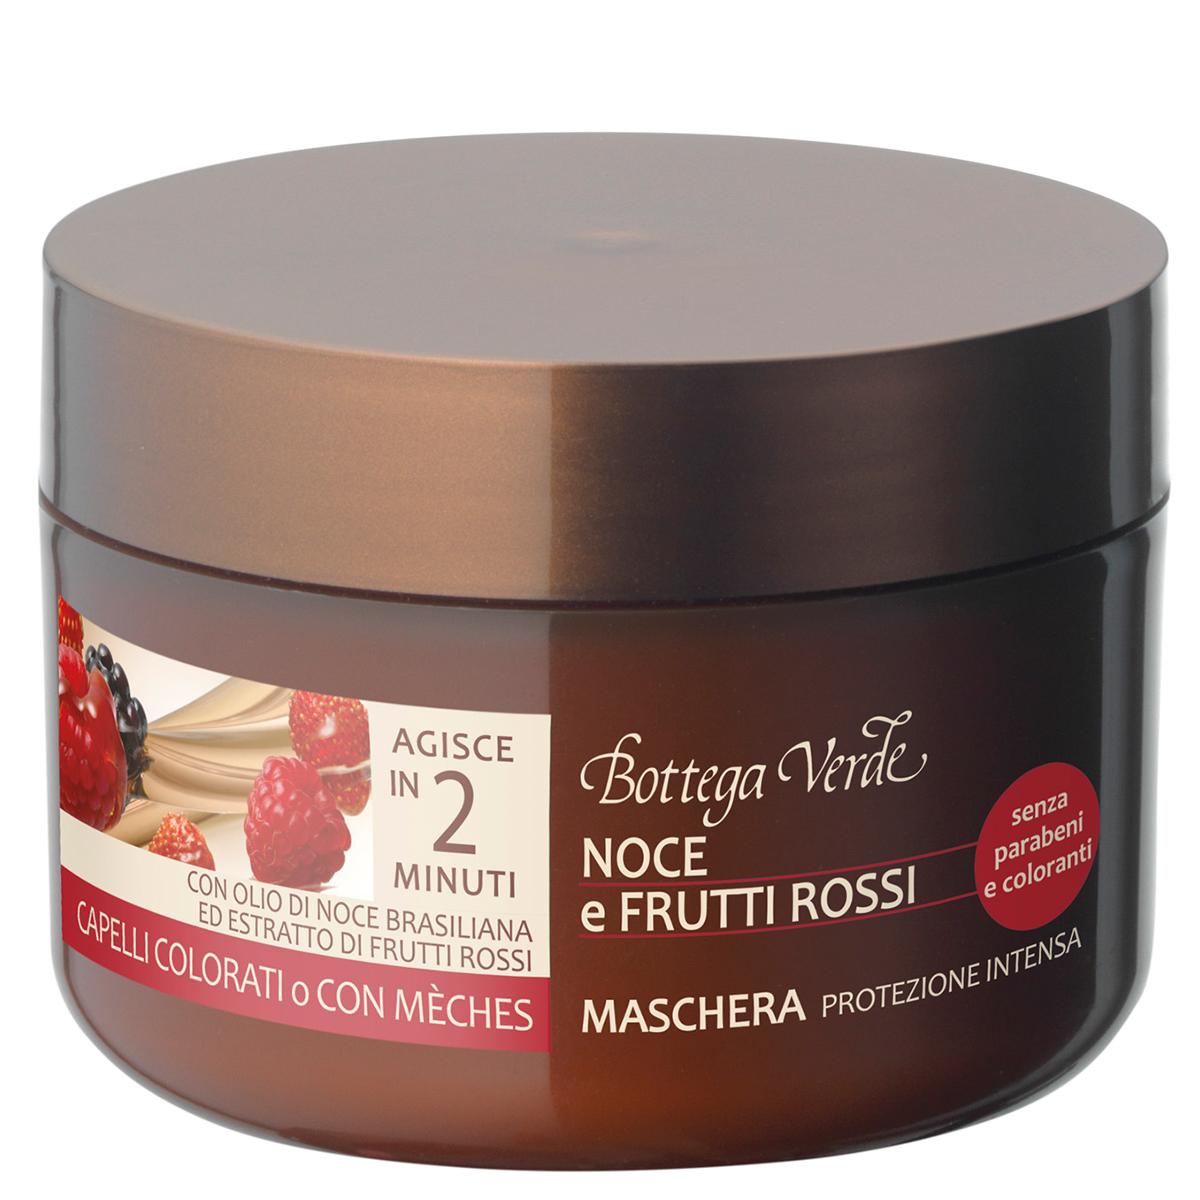 Masca cu ulei de nuci braziliene si mix de fructe rosii pentru par vopsit si cu suvite - Olio di Nocce e Frutti Rossi, 200 ML